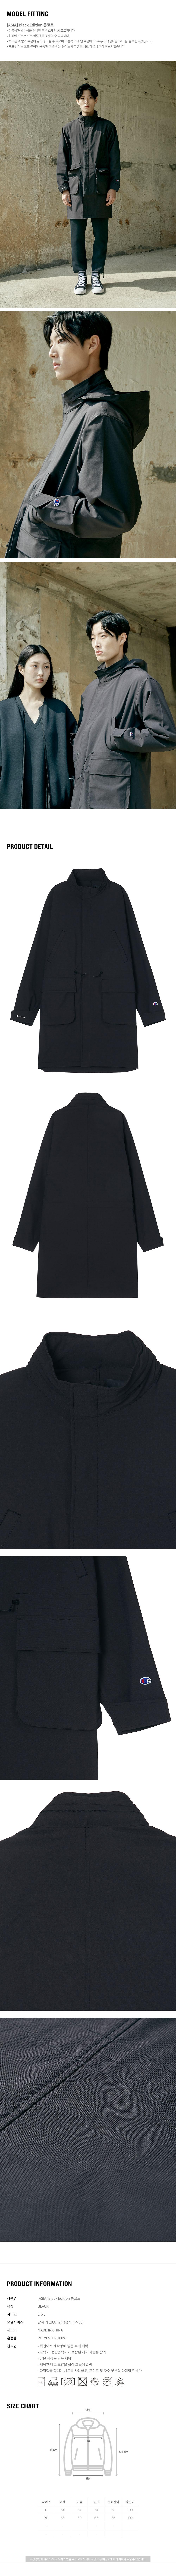 챔피온 재팬(CHAMPION JAPAN) [ASIA] Black Edition 롱코트 (BLACK) CKJA1E520BK